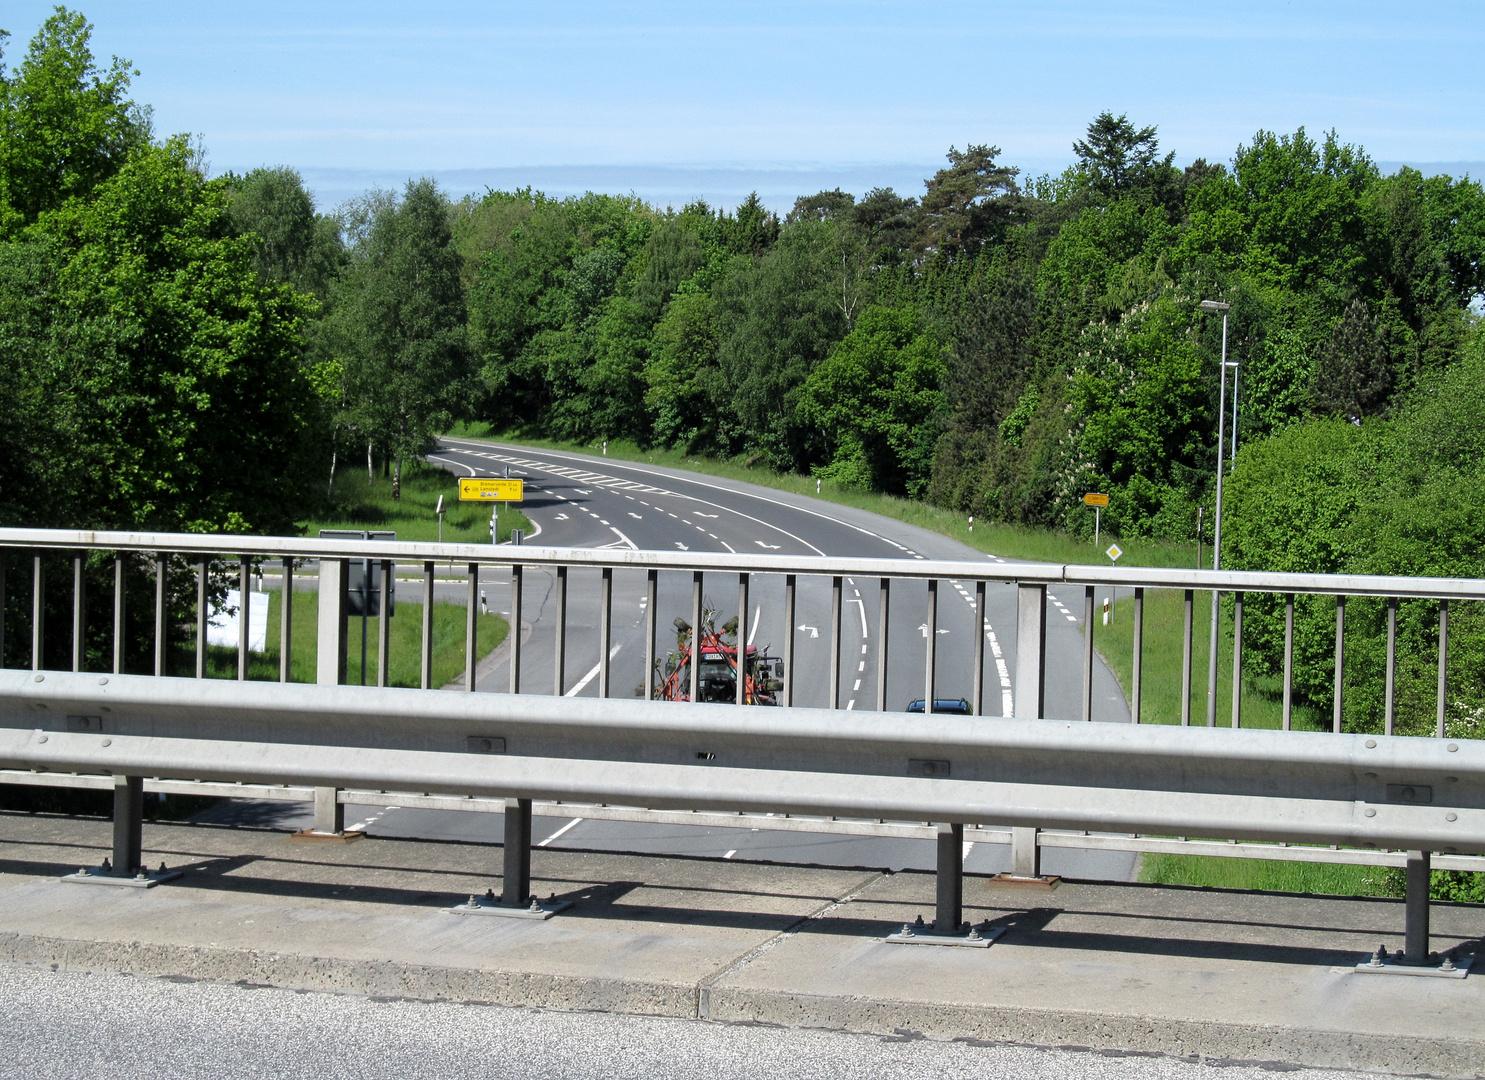 B 73 Richtung Cuxhaven